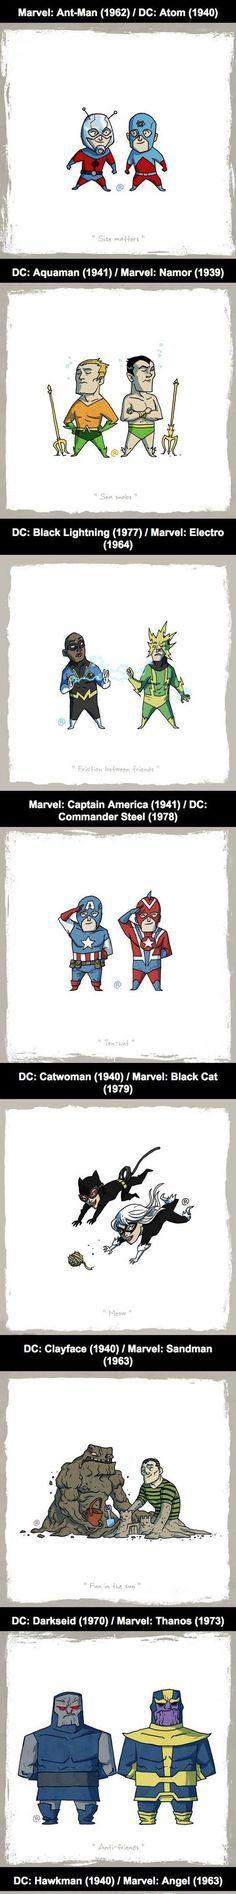 Marvel Vs DC: Caracteres equivalentes: